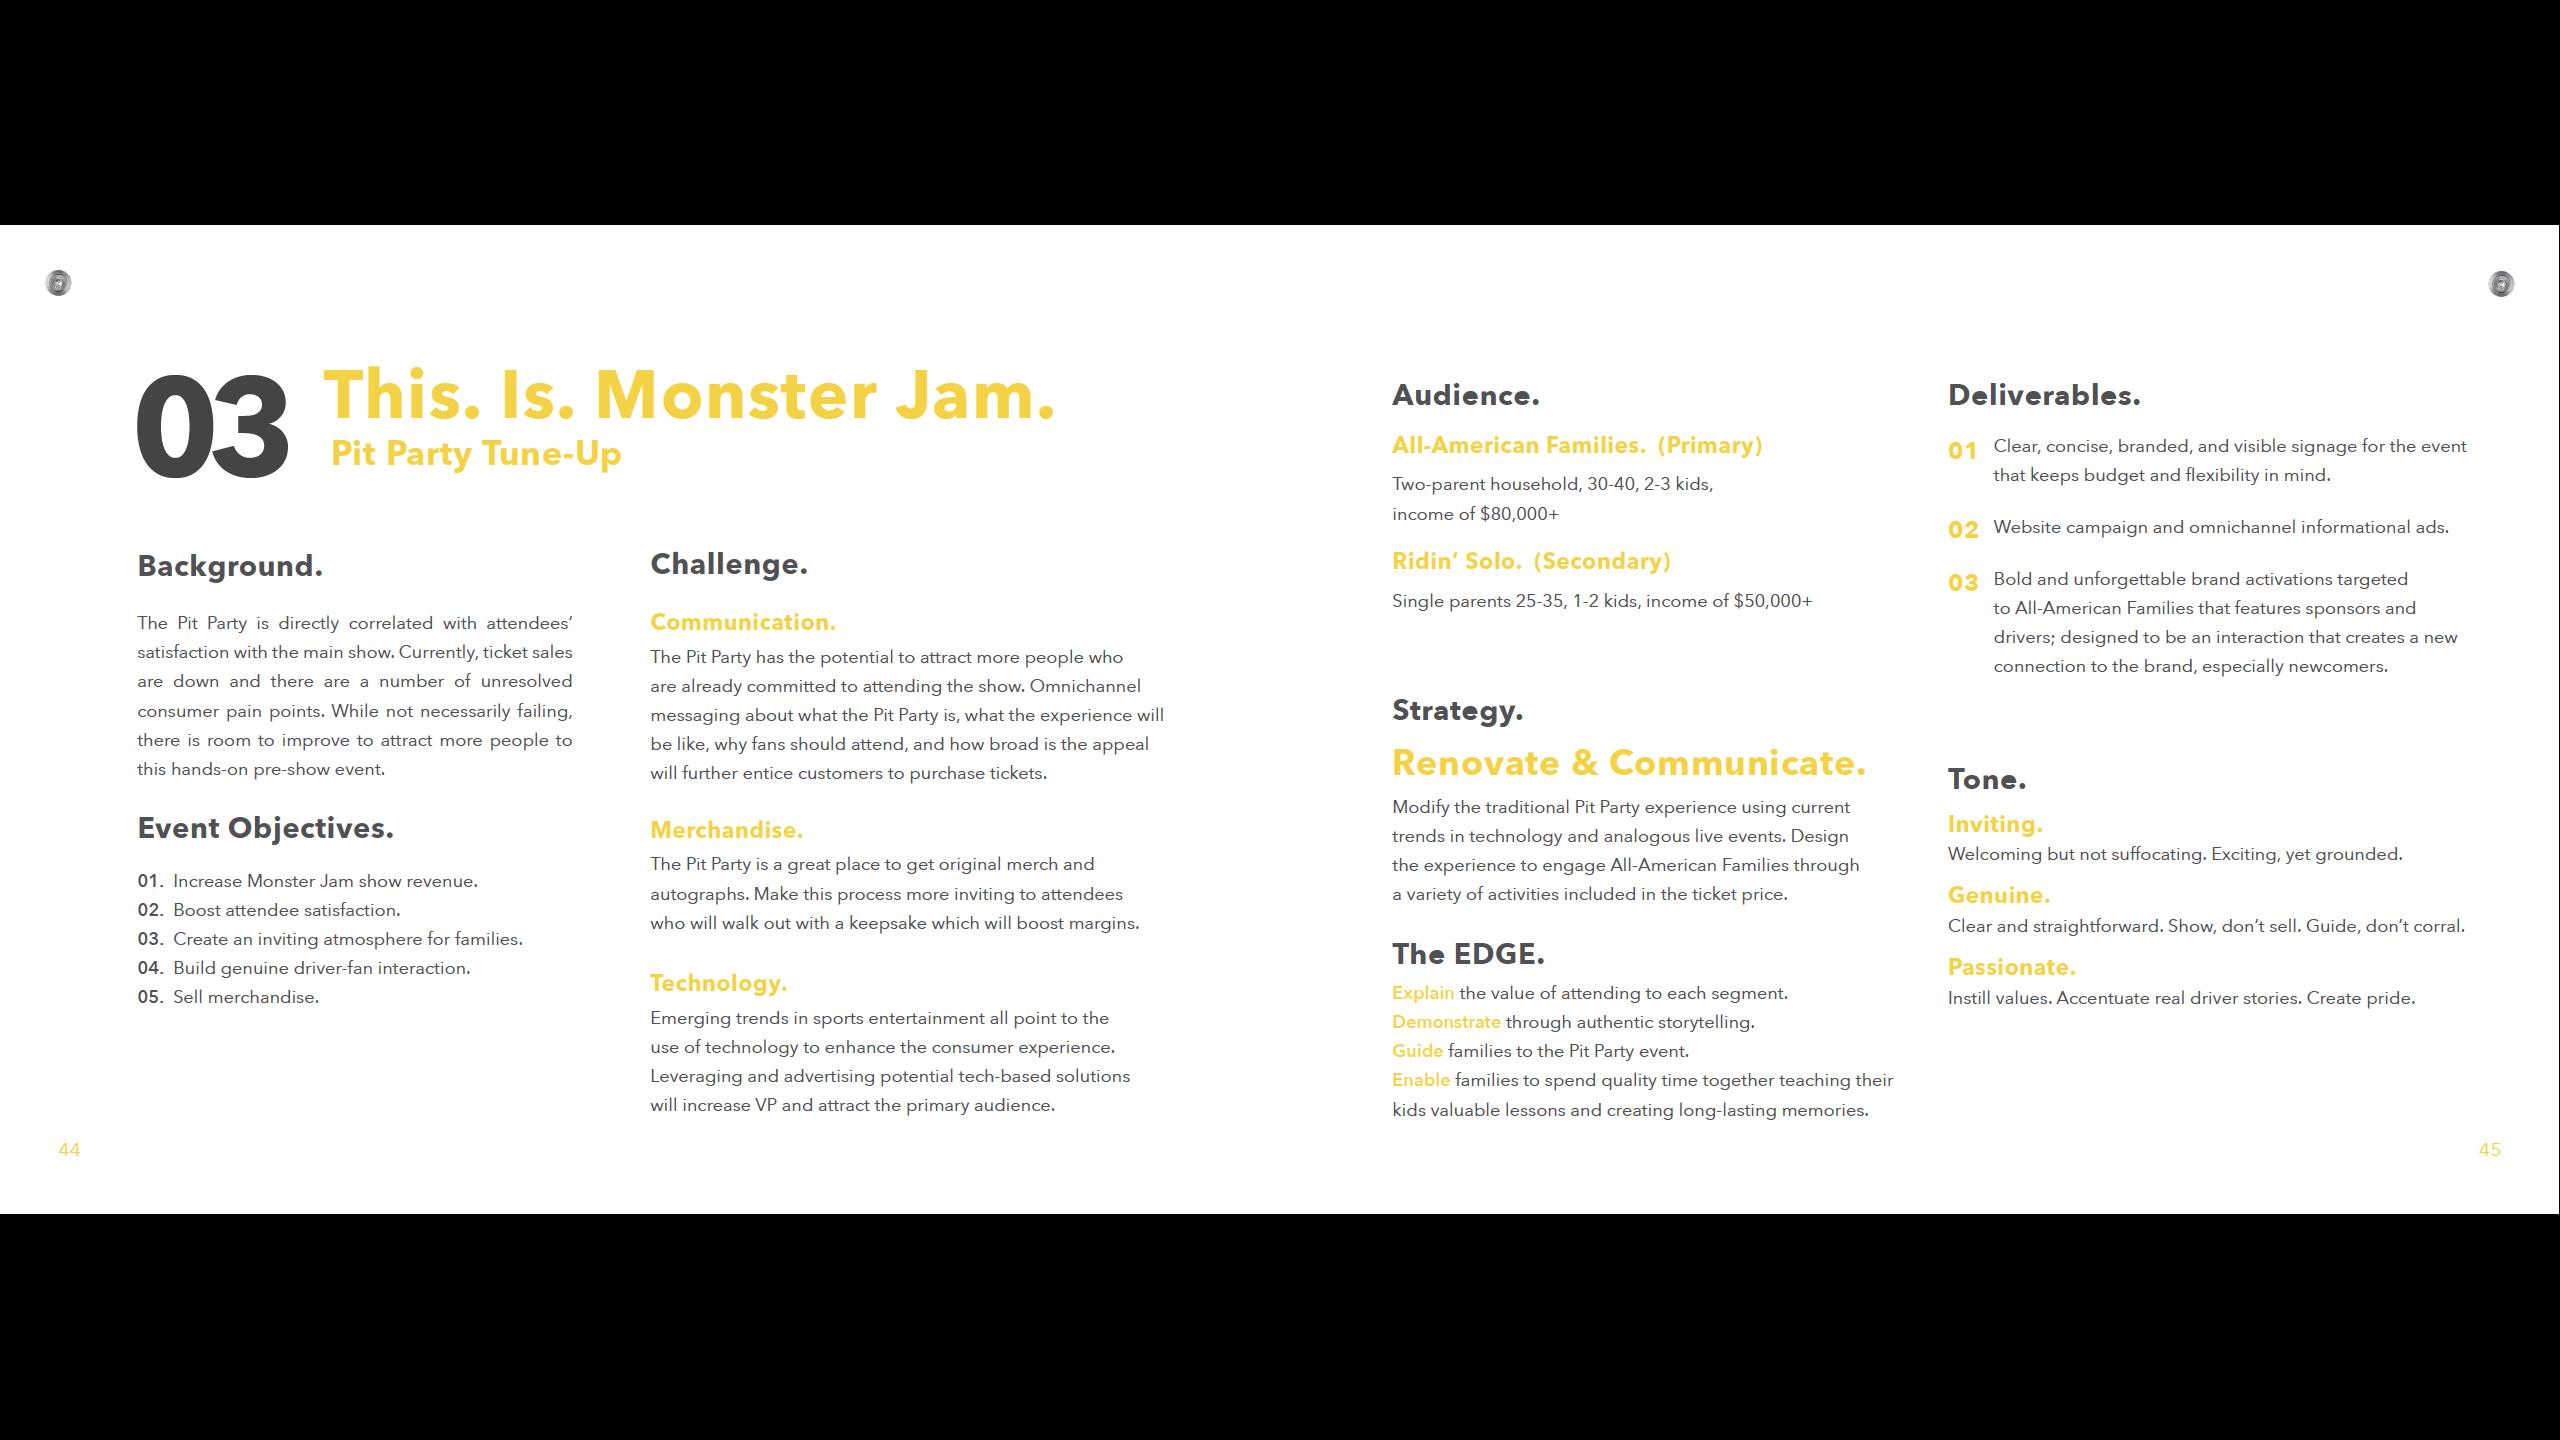 Monster_Jam_23